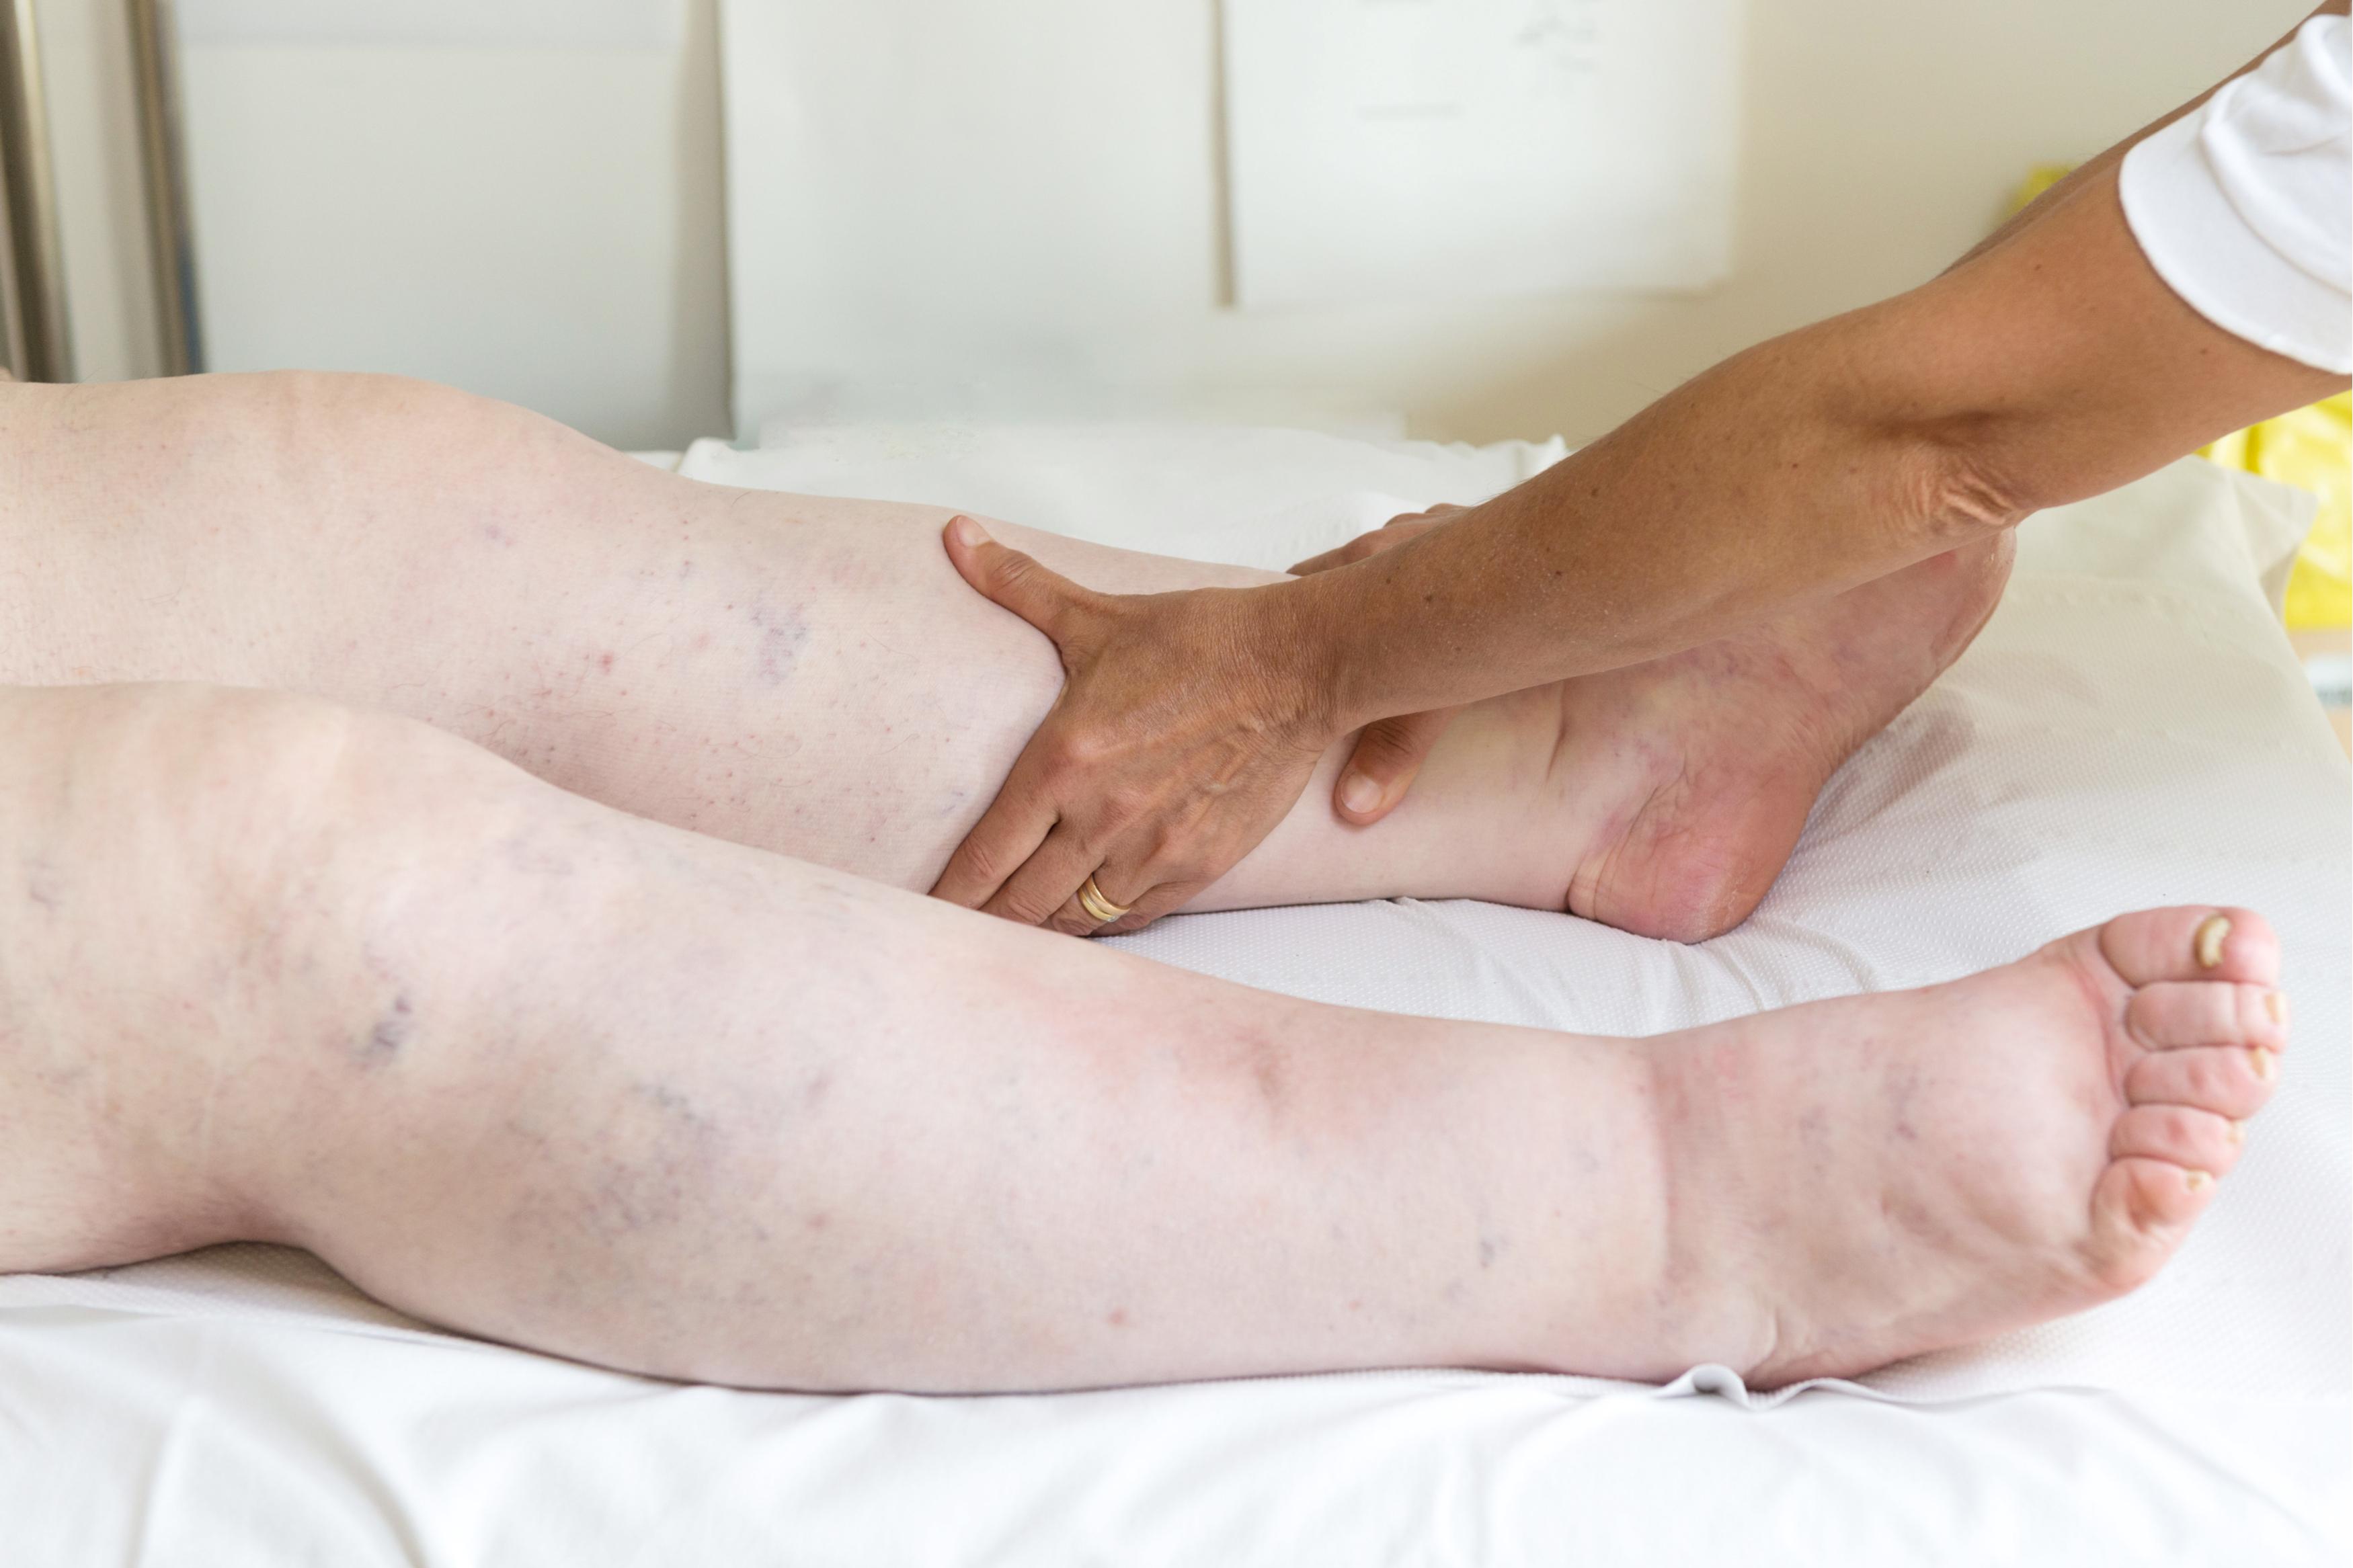 dureri articulare dimineața se remarcă cu ce să faci dureri severe de genunchi